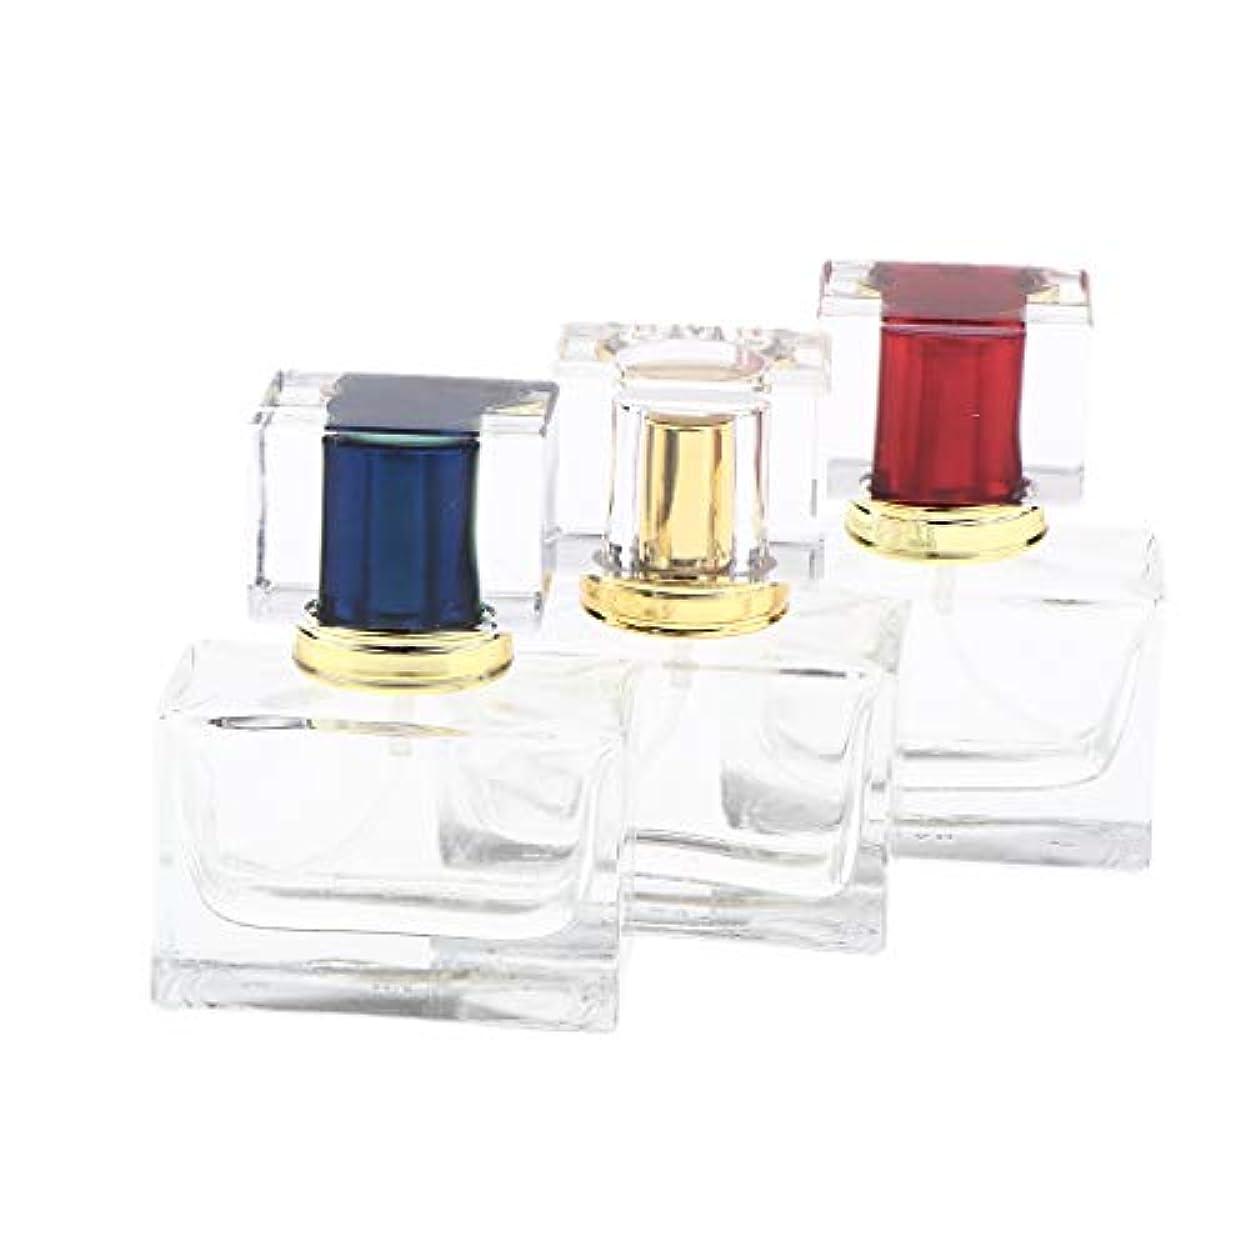 ペレット妖精アクティビティDYNWAVE 香水アトマイザー スプレーボトル 詰め替え容器 香水瓶 小型 旅行 持ち運び ロック可能 30ML